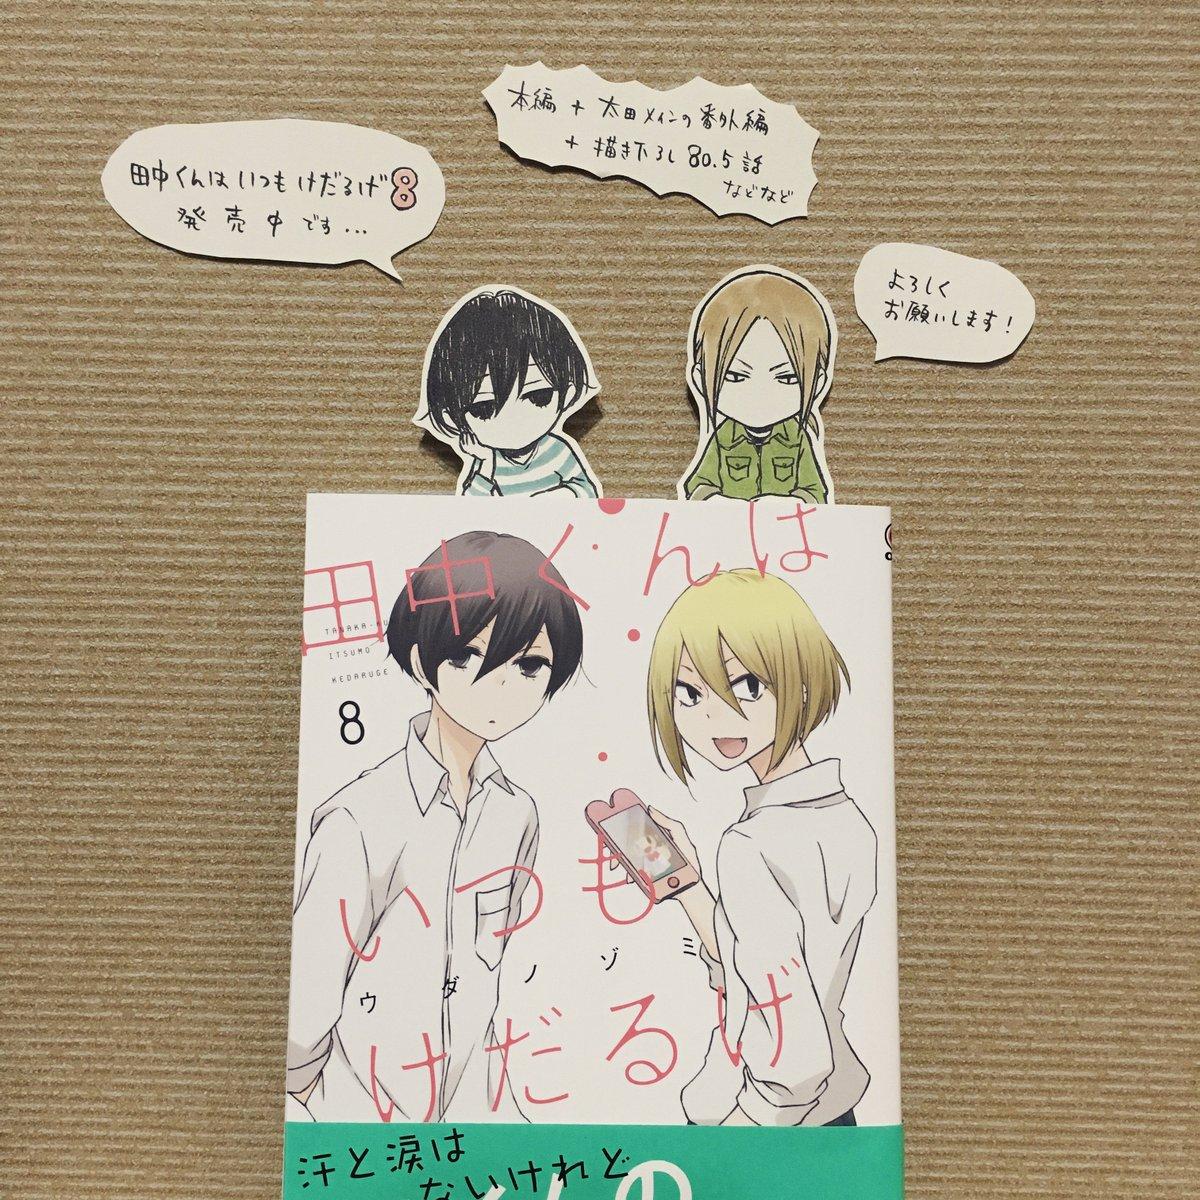 『田中くんはいつもけだるげ』8巻、本日4月22日発売です!単行本描き下ろし、クリスマスエピソードおまけの80.5話も収録